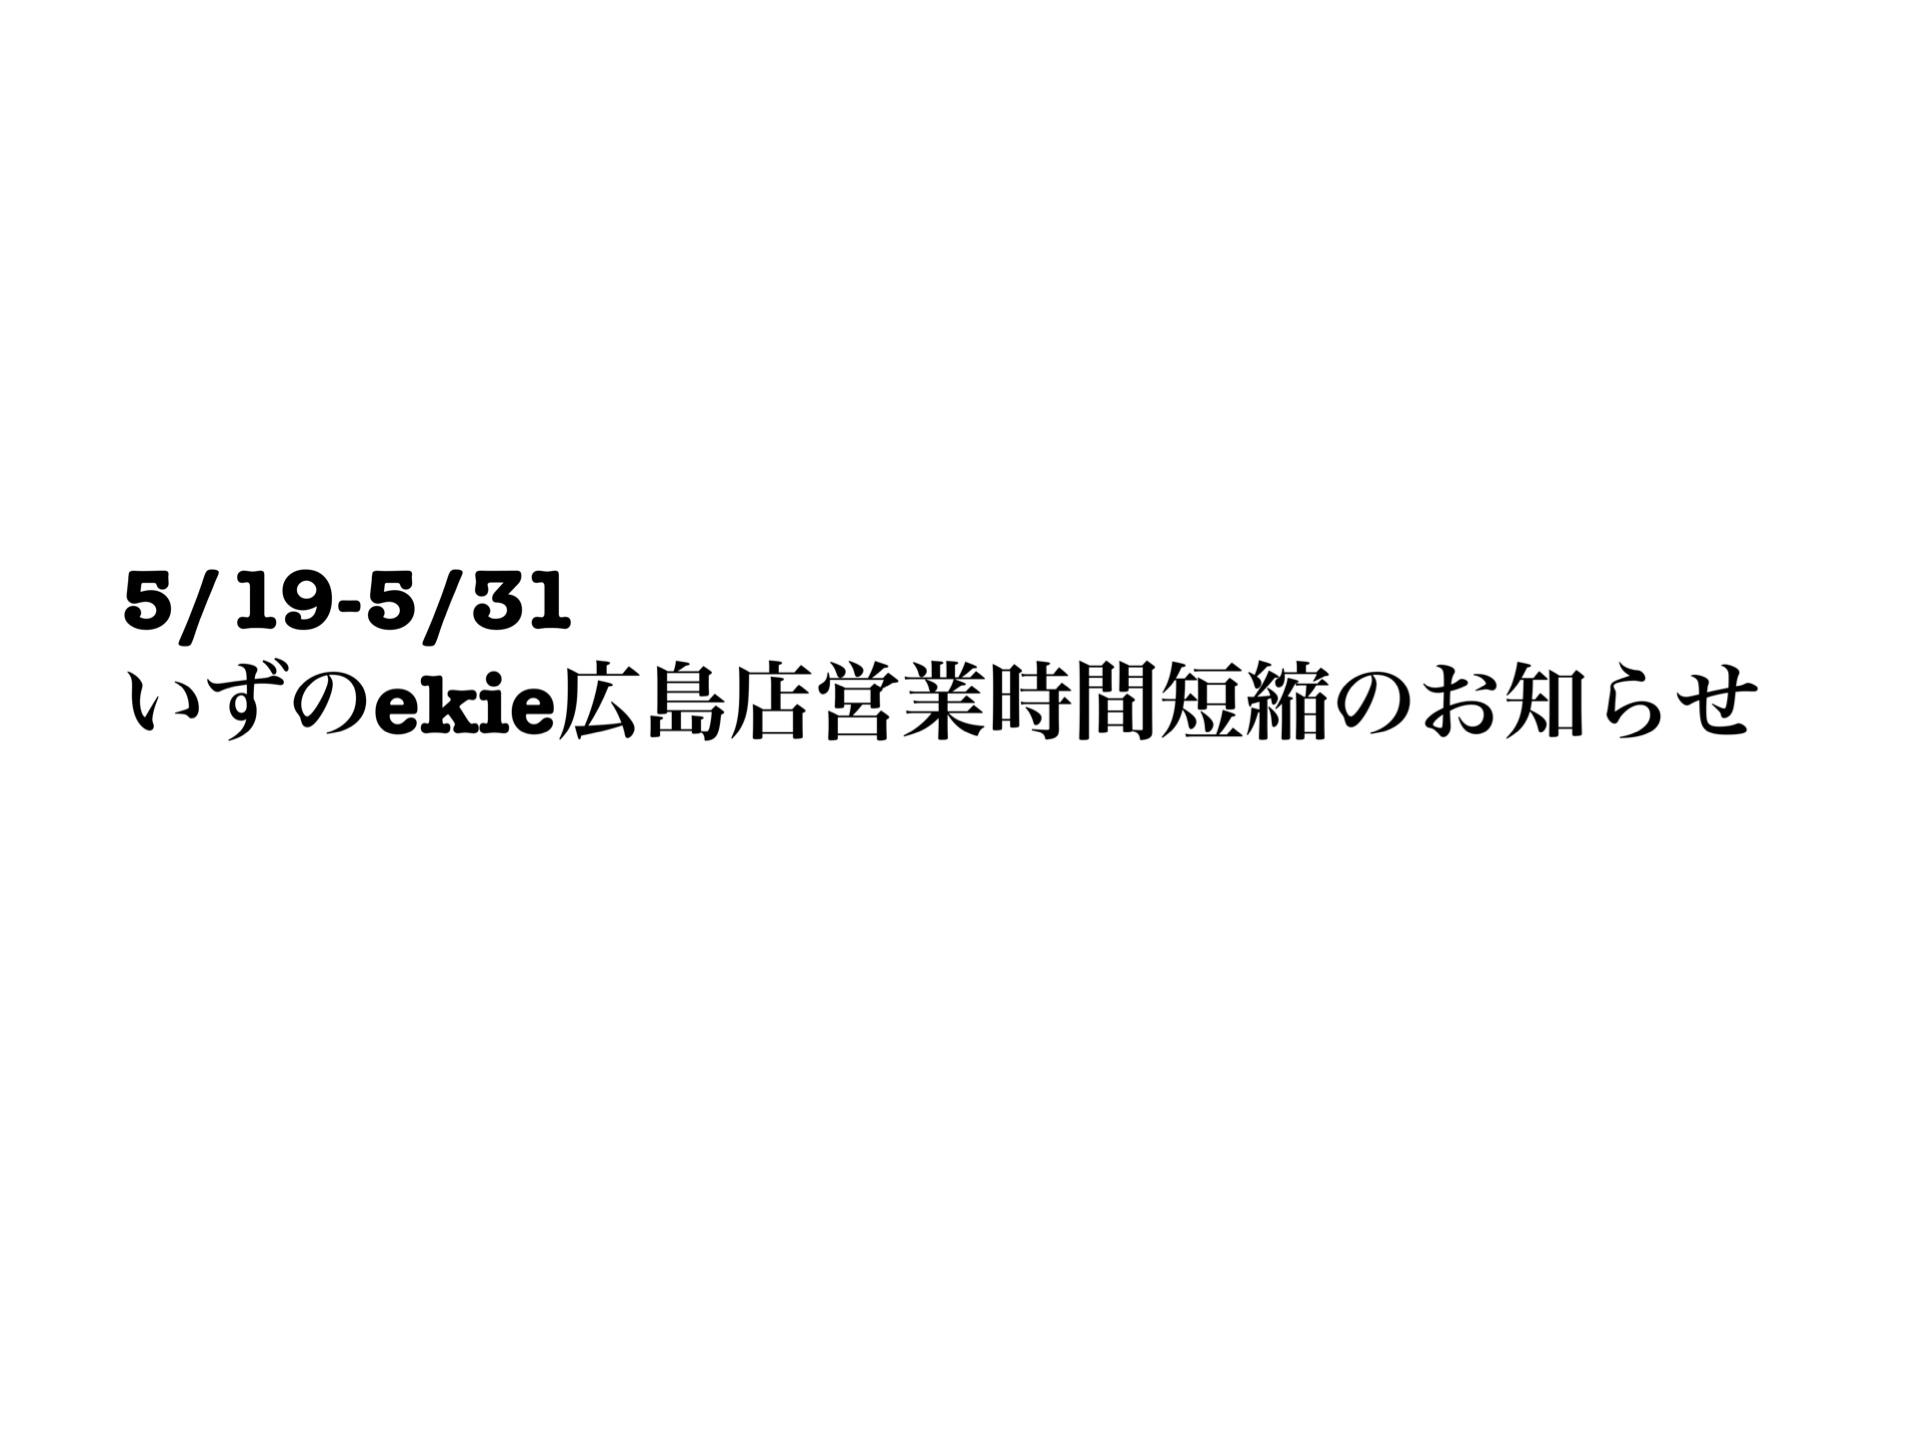 いずのekie広島店 営業時間のお知らせです。